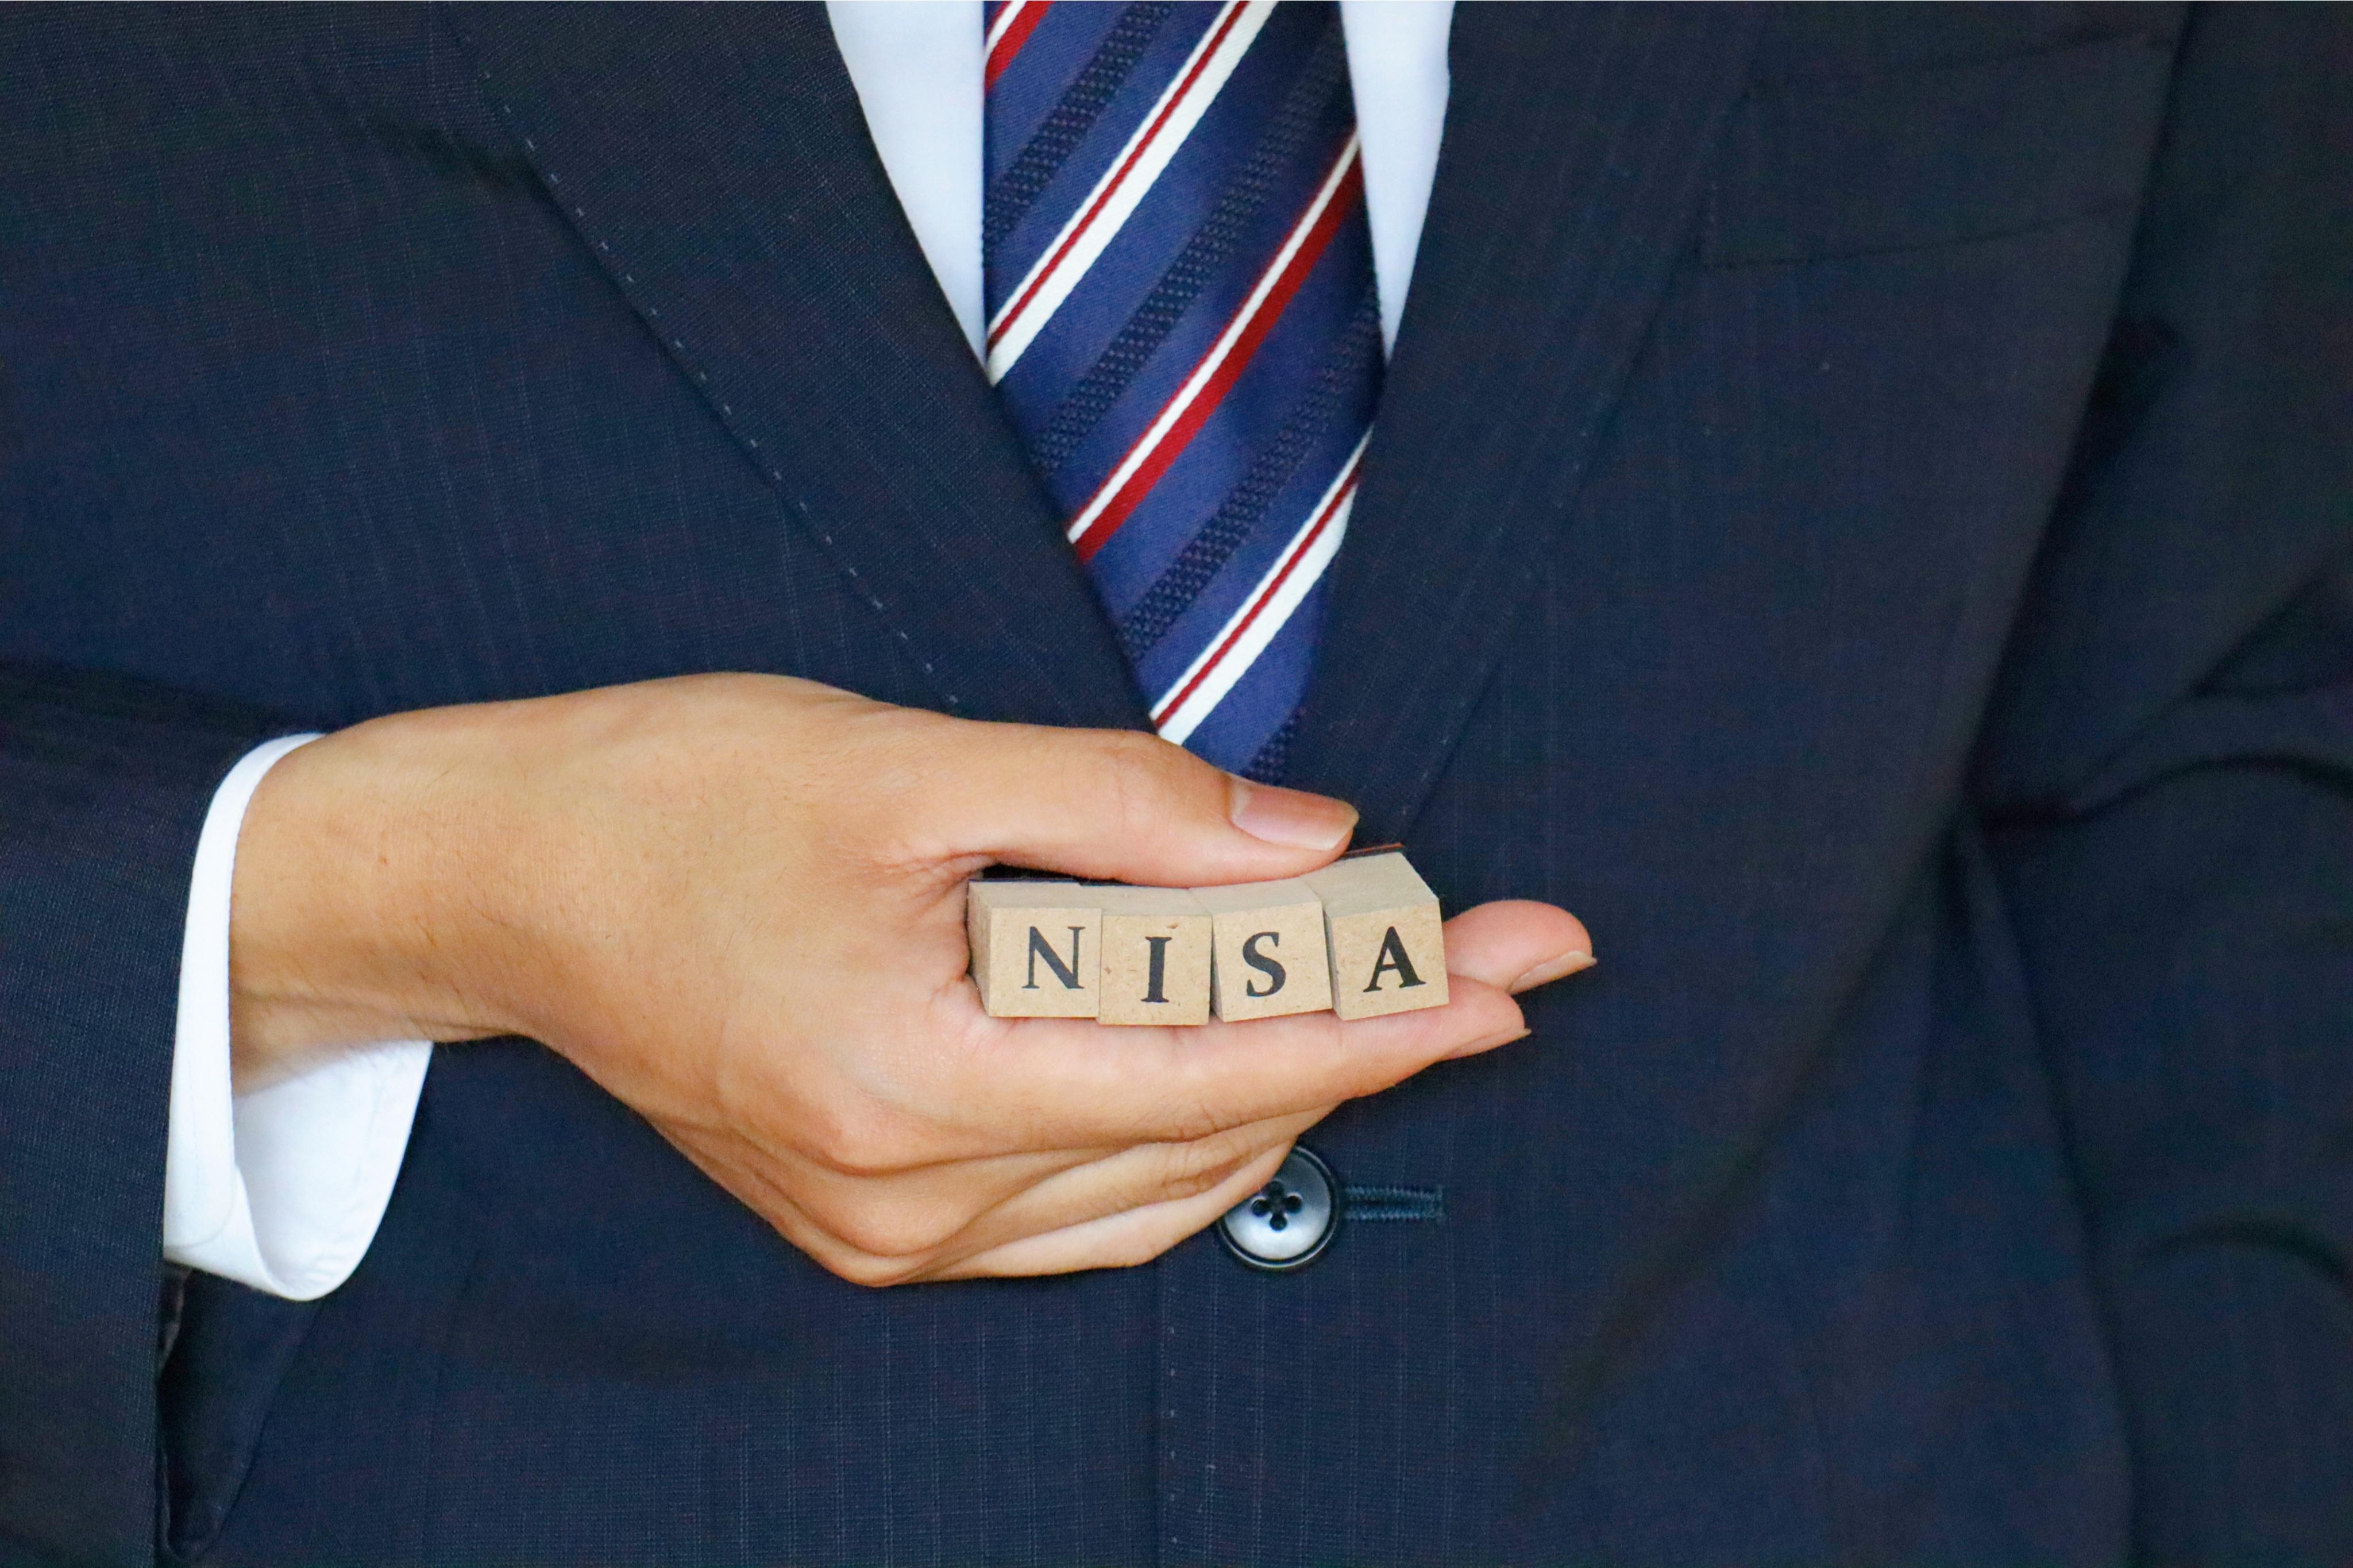 本当は怖い「つみたてNISA」、投資ビギナーが損をする3つの落とし穴とは?=川畑明美